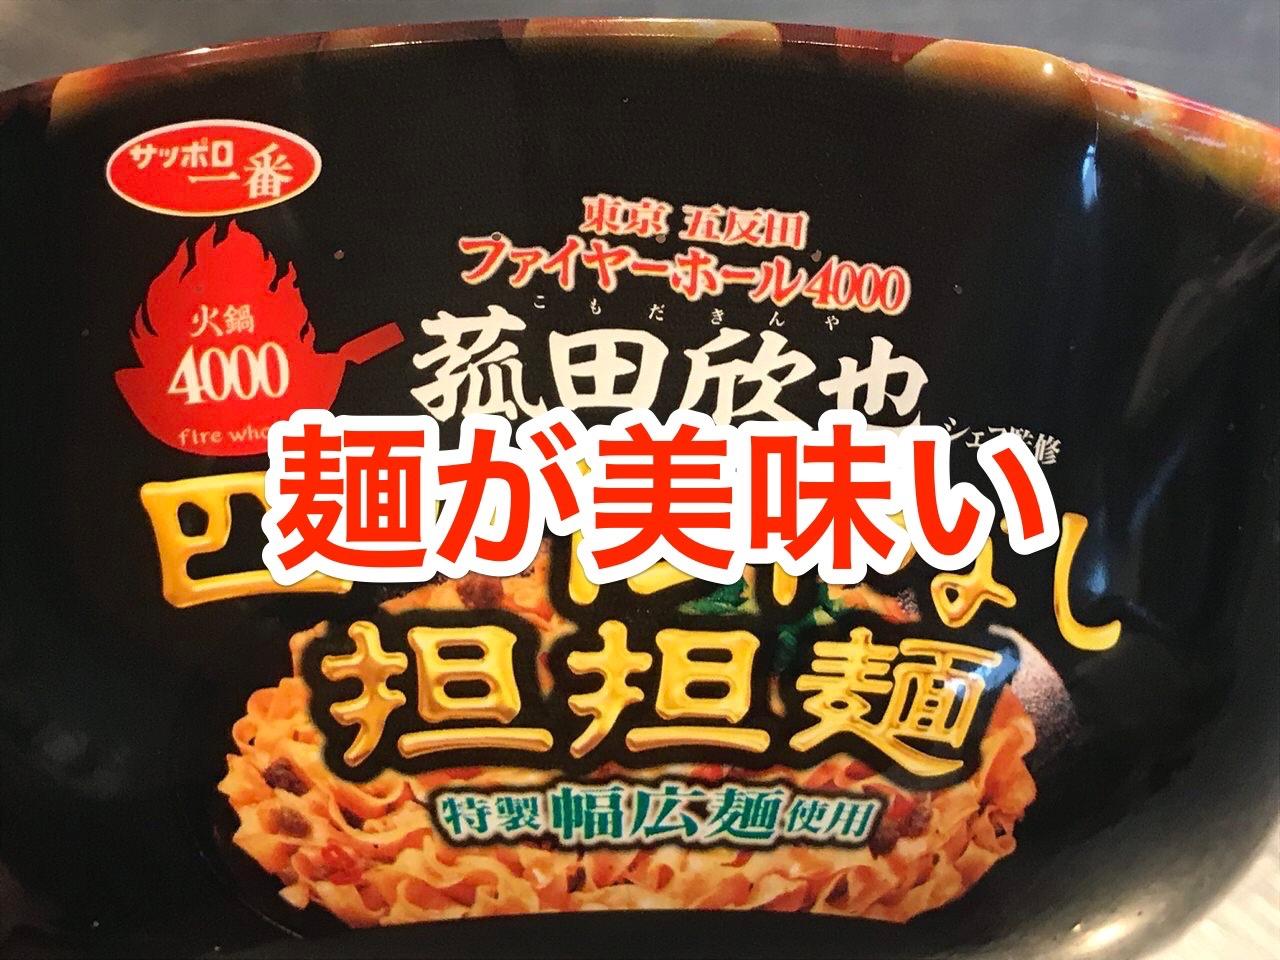 ファイヤーホール4000 菰田欣也シェフ監修 四川汁なし担担麺